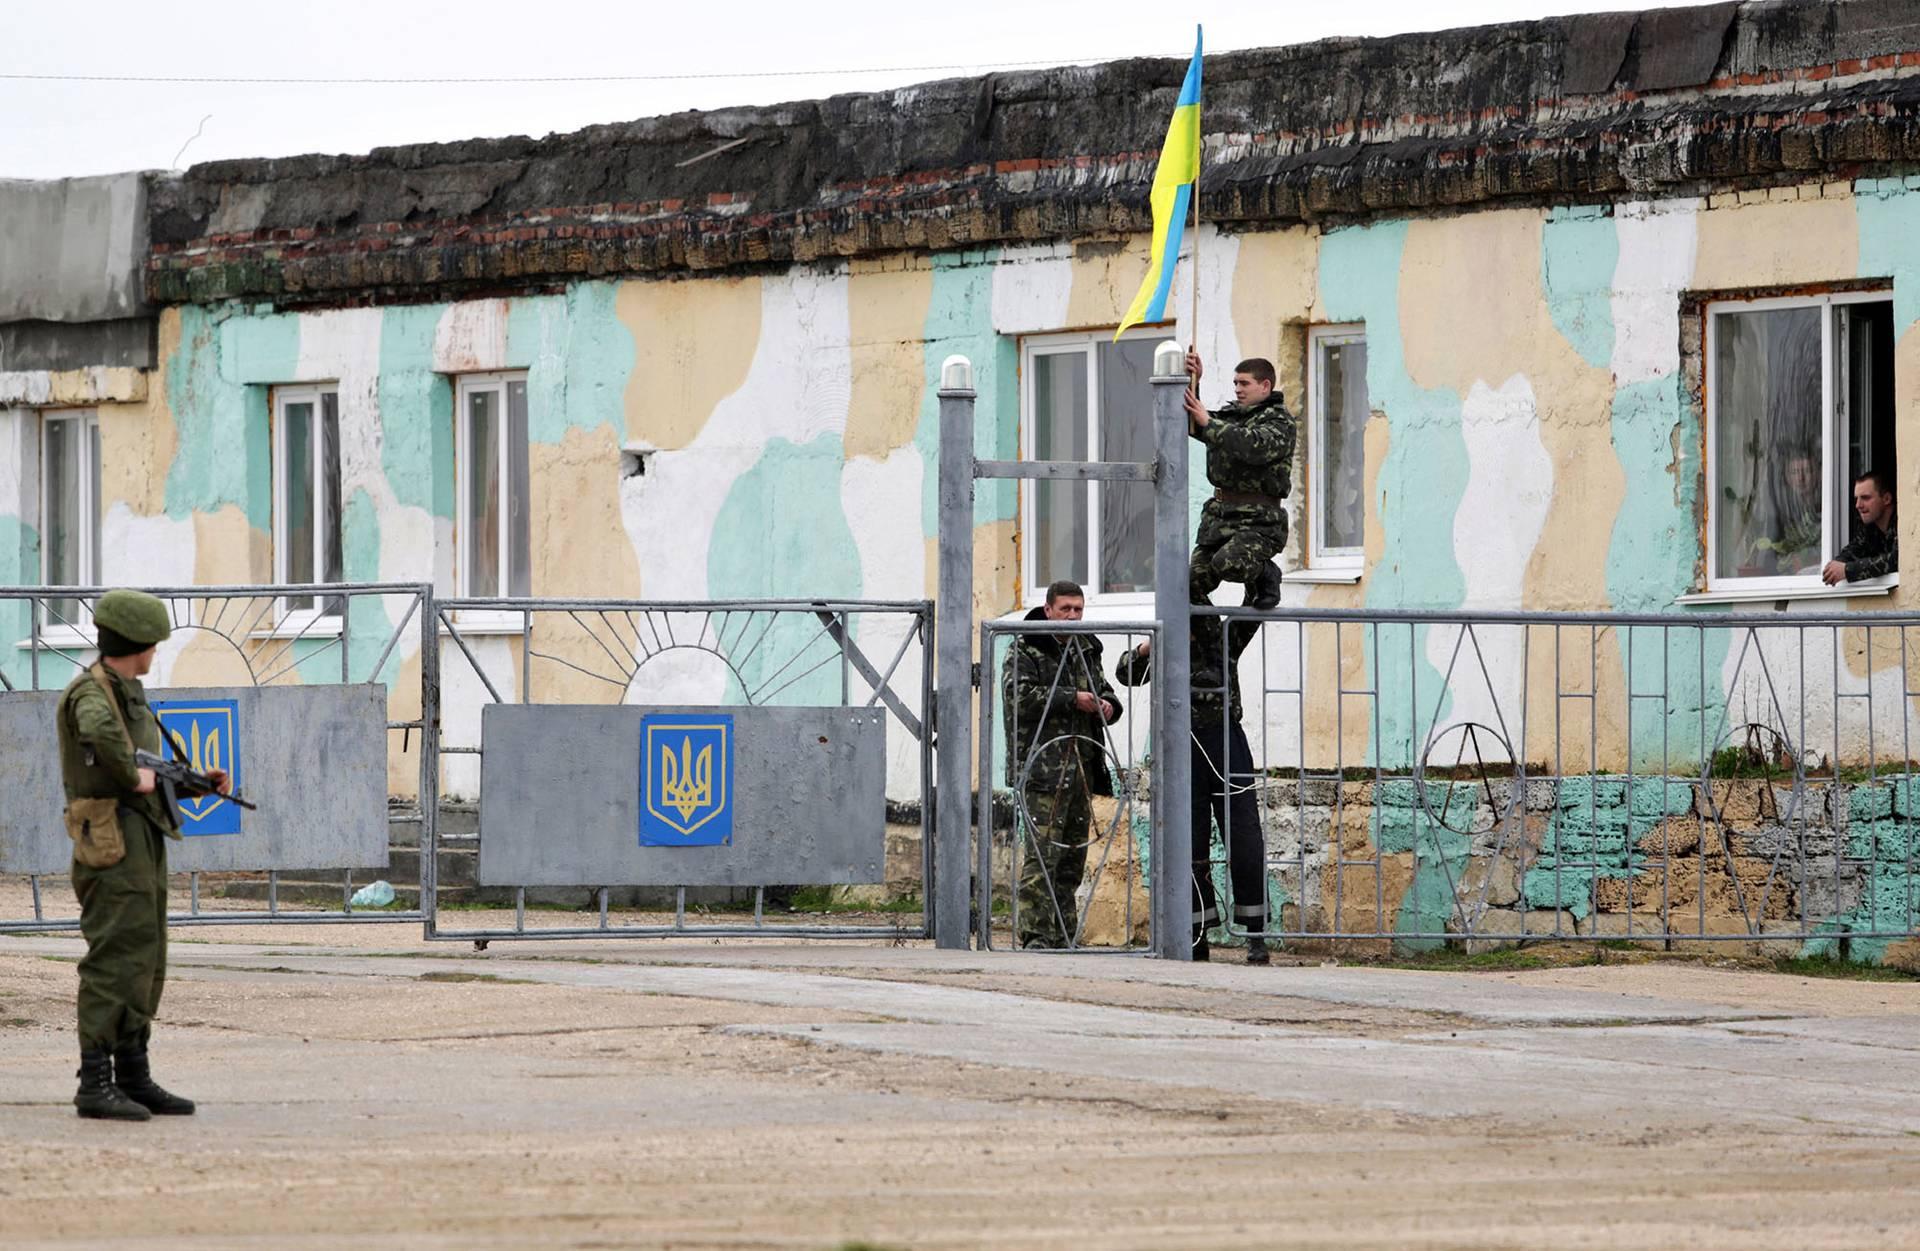 Українські військові піднімають український прапор на флагшток біля входу до військової бази у у Бельбеку неподалік Севастополя, Крим, 4 березня 2014 року